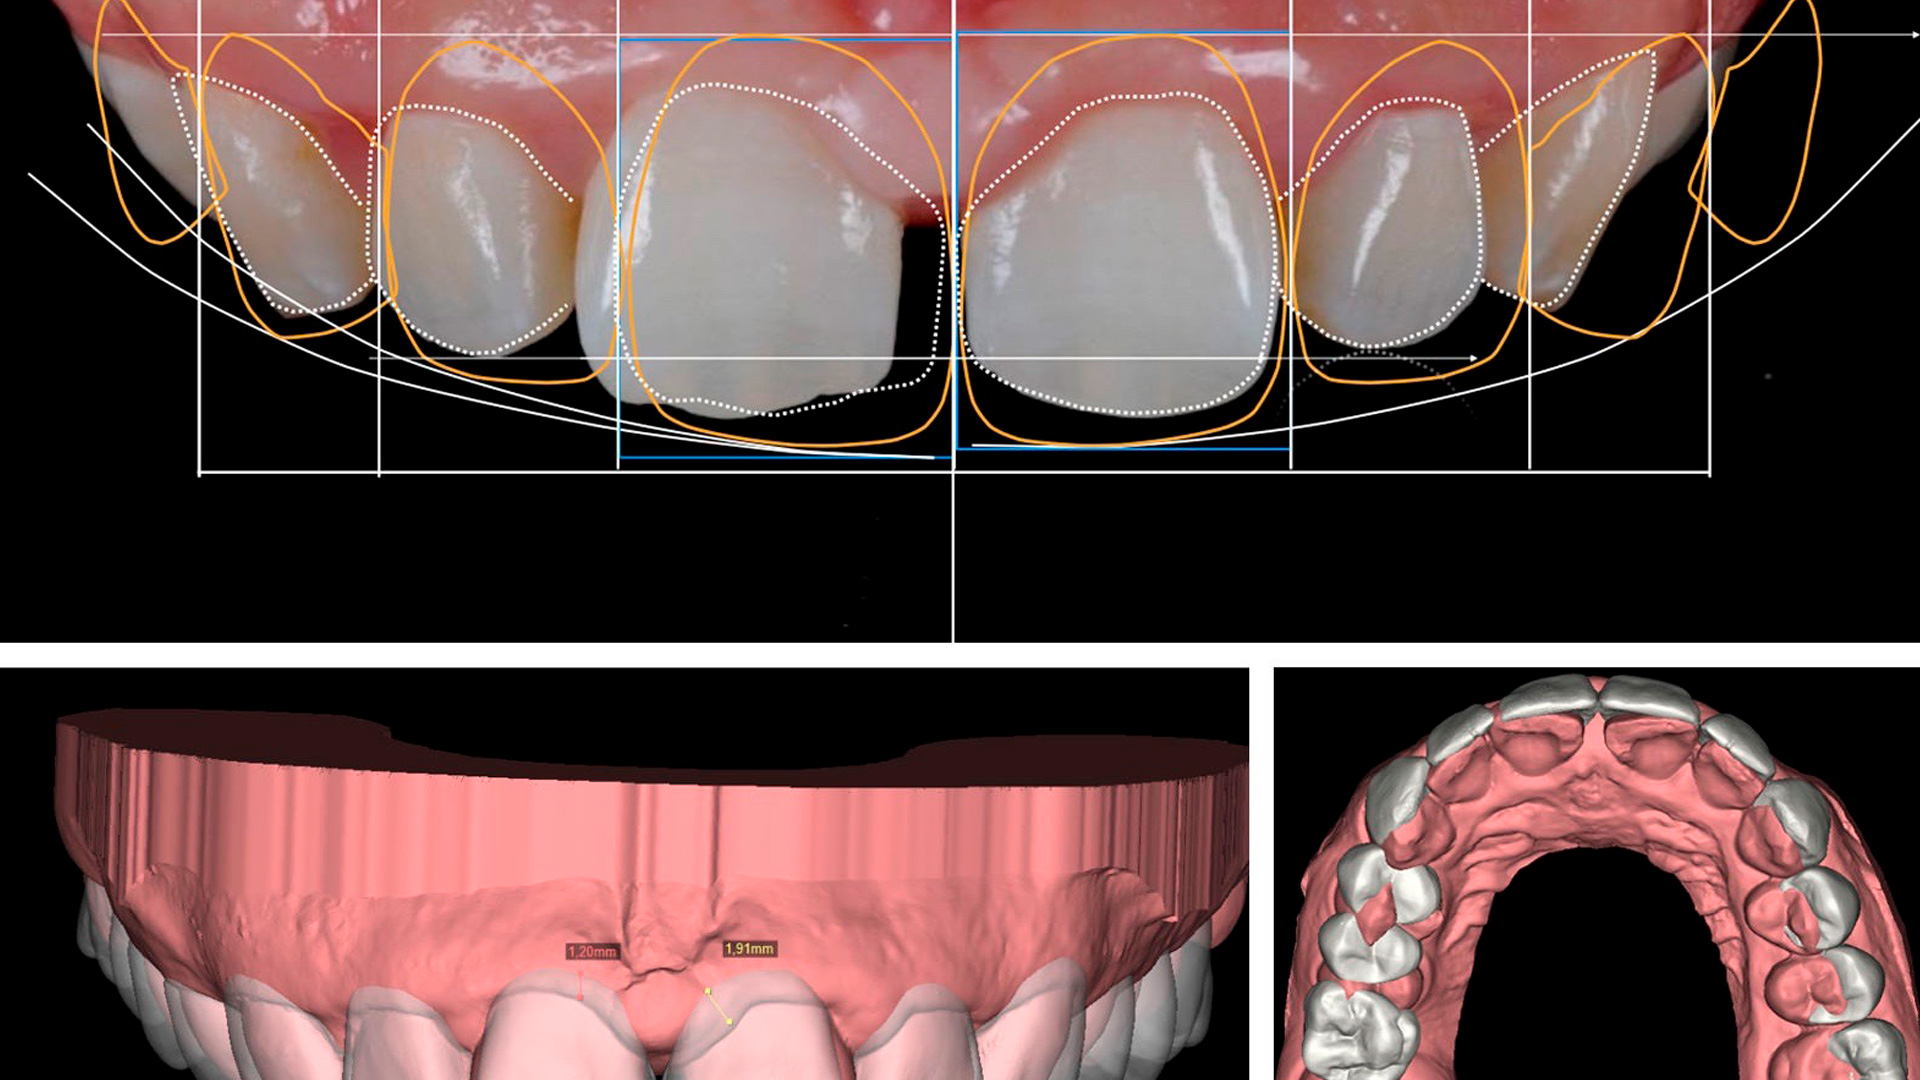 <p>En esta Masterclass <strong>Dise&ntilde;o de sonrisa con DSD</strong>, impartida por el doctor Alejandro Otero, revisaremos c&oacute;mo se realiza el <strong>dise&ntilde;o de sonrisa</strong> con DSD aplicado a la odontolog&iacute;a y la implantolog&iacute;a, a trav&eacute;s de un caso pr&aacute;ctico.<br /> <br /> Hay un desaf&iacute;o en la odontolog&iacute;a est&eacute;tica: conseguir el <strong>dise&ntilde;o de sonrisa</strong> perfecto para el paciente. El Digital Smile Design es una herramienta que sirve para la planificaci&oacute;n de ese <strong>dise&ntilde;o de sonrisa</strong> ideal que va a tener el paciente. Gracias a esta Masterclasss, <strong>Dise&ntilde;o de sonrisa con DSD</strong>, podr&aacute;s conocer esta tecnolog&iacute;a, que te ayudar&aacute; a planear o planificar el tratamiento de <strong>dise&ntilde;o de sonrisa</strong> de tus pacientes en la cl&iacute;nica dental, facilitando tu trabajo como odont&oacute;logo y obteniendo los mejores resultados.<br /> <br /> Todas nuestras Masterclass est&aacute;n impartidas por los mayores expertos en odontolog&iacute;a. Gracias a nuestra Masterclass&nbsp;<strong>Dise&ntilde;o de sonrisa con DSD</strong>&nbsp;y otras como esta, que forman parte de la serie&nbsp;<strong>Nuevas tecnolog&iacute;as en implantolog&iacute;a</strong>, podr&aacute;s desarrollar y actualizar tus conocimientos sobre las tecnolog&iacute;as m&aacute;s avanzadas en diagn&oacute;stico y cirug&iacute;a odontol&oacute;gica, profundizando en diferentes campos de la odontolog&iacute;a digital, como la tecnolog&iacute;a Digital Smile Design para el <strong>dise&ntilde;o de sonrisa</strong>, alcanzando una formaci&oacute;n avanzada y permiti&eacute;ndote profundizar en&nbsp;los aspectos a tener en cuenta en la colocaci&oacute;n de implantes dentales con criterios cient&iacute;ficos y de excelencia, abordando las &uacute;ltimas tendencias y t&eacute;cnicas m&aacute;s actuales en el sector odontol&oacute;gico.<br /> <br /> Desde Knotgroup 